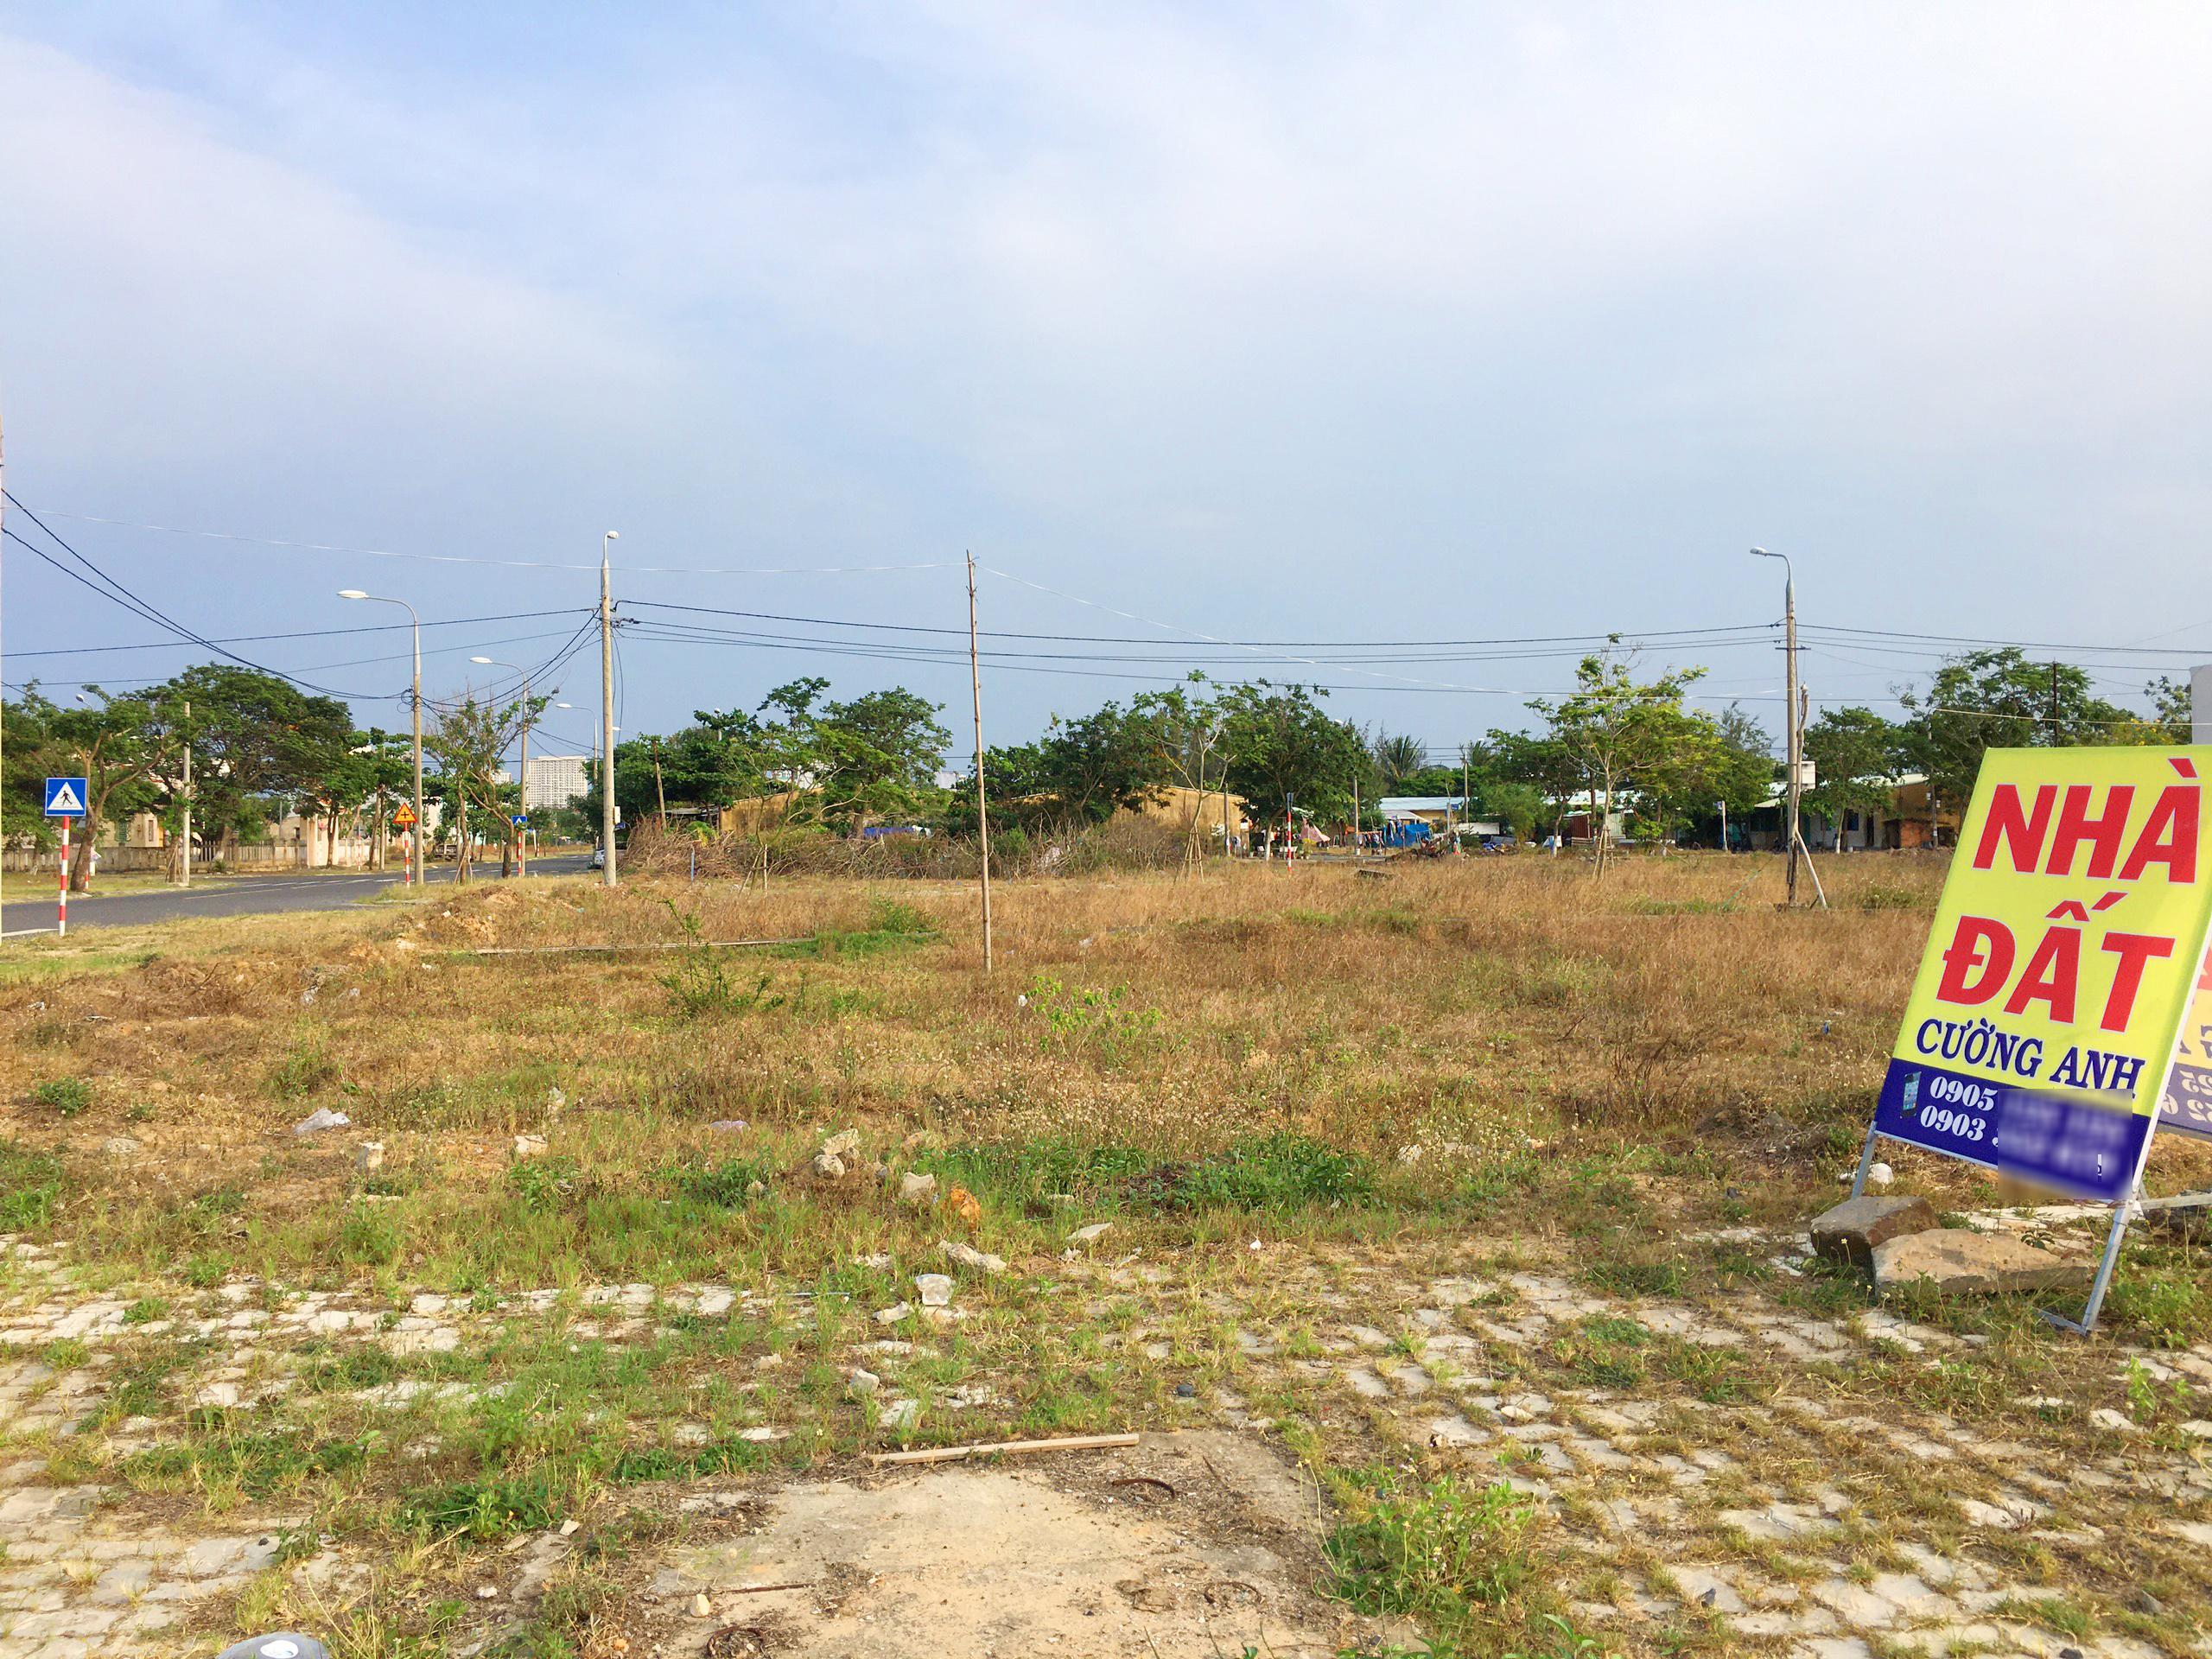 Chủ tịch Đà Nẵng giao công an xử lý vi phạm trong giao dịch, huy động vốn bất động sản - Ảnh 1.